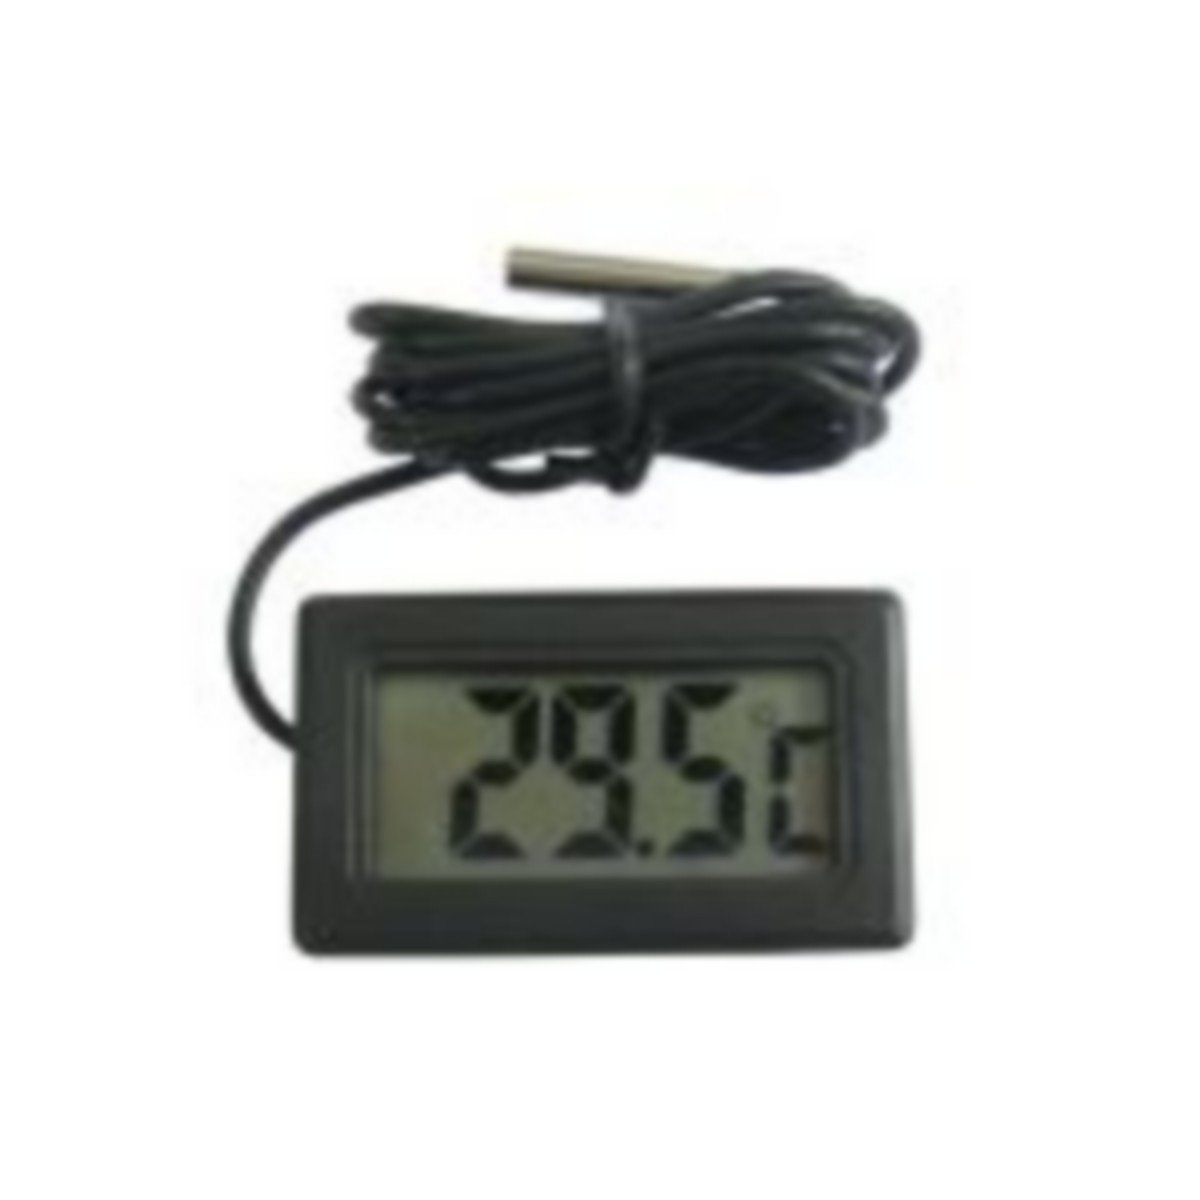 * * * termómetro digital pantalla LCD encastrable negro con sonda Waterproof * * * Ideal para disfrutar la temperatura del interior de frigorífico, congelador, surgélateur, Acuario, Terrario, salpicaderos de coche, piscina, Sauna.... Neuf Destockopromo